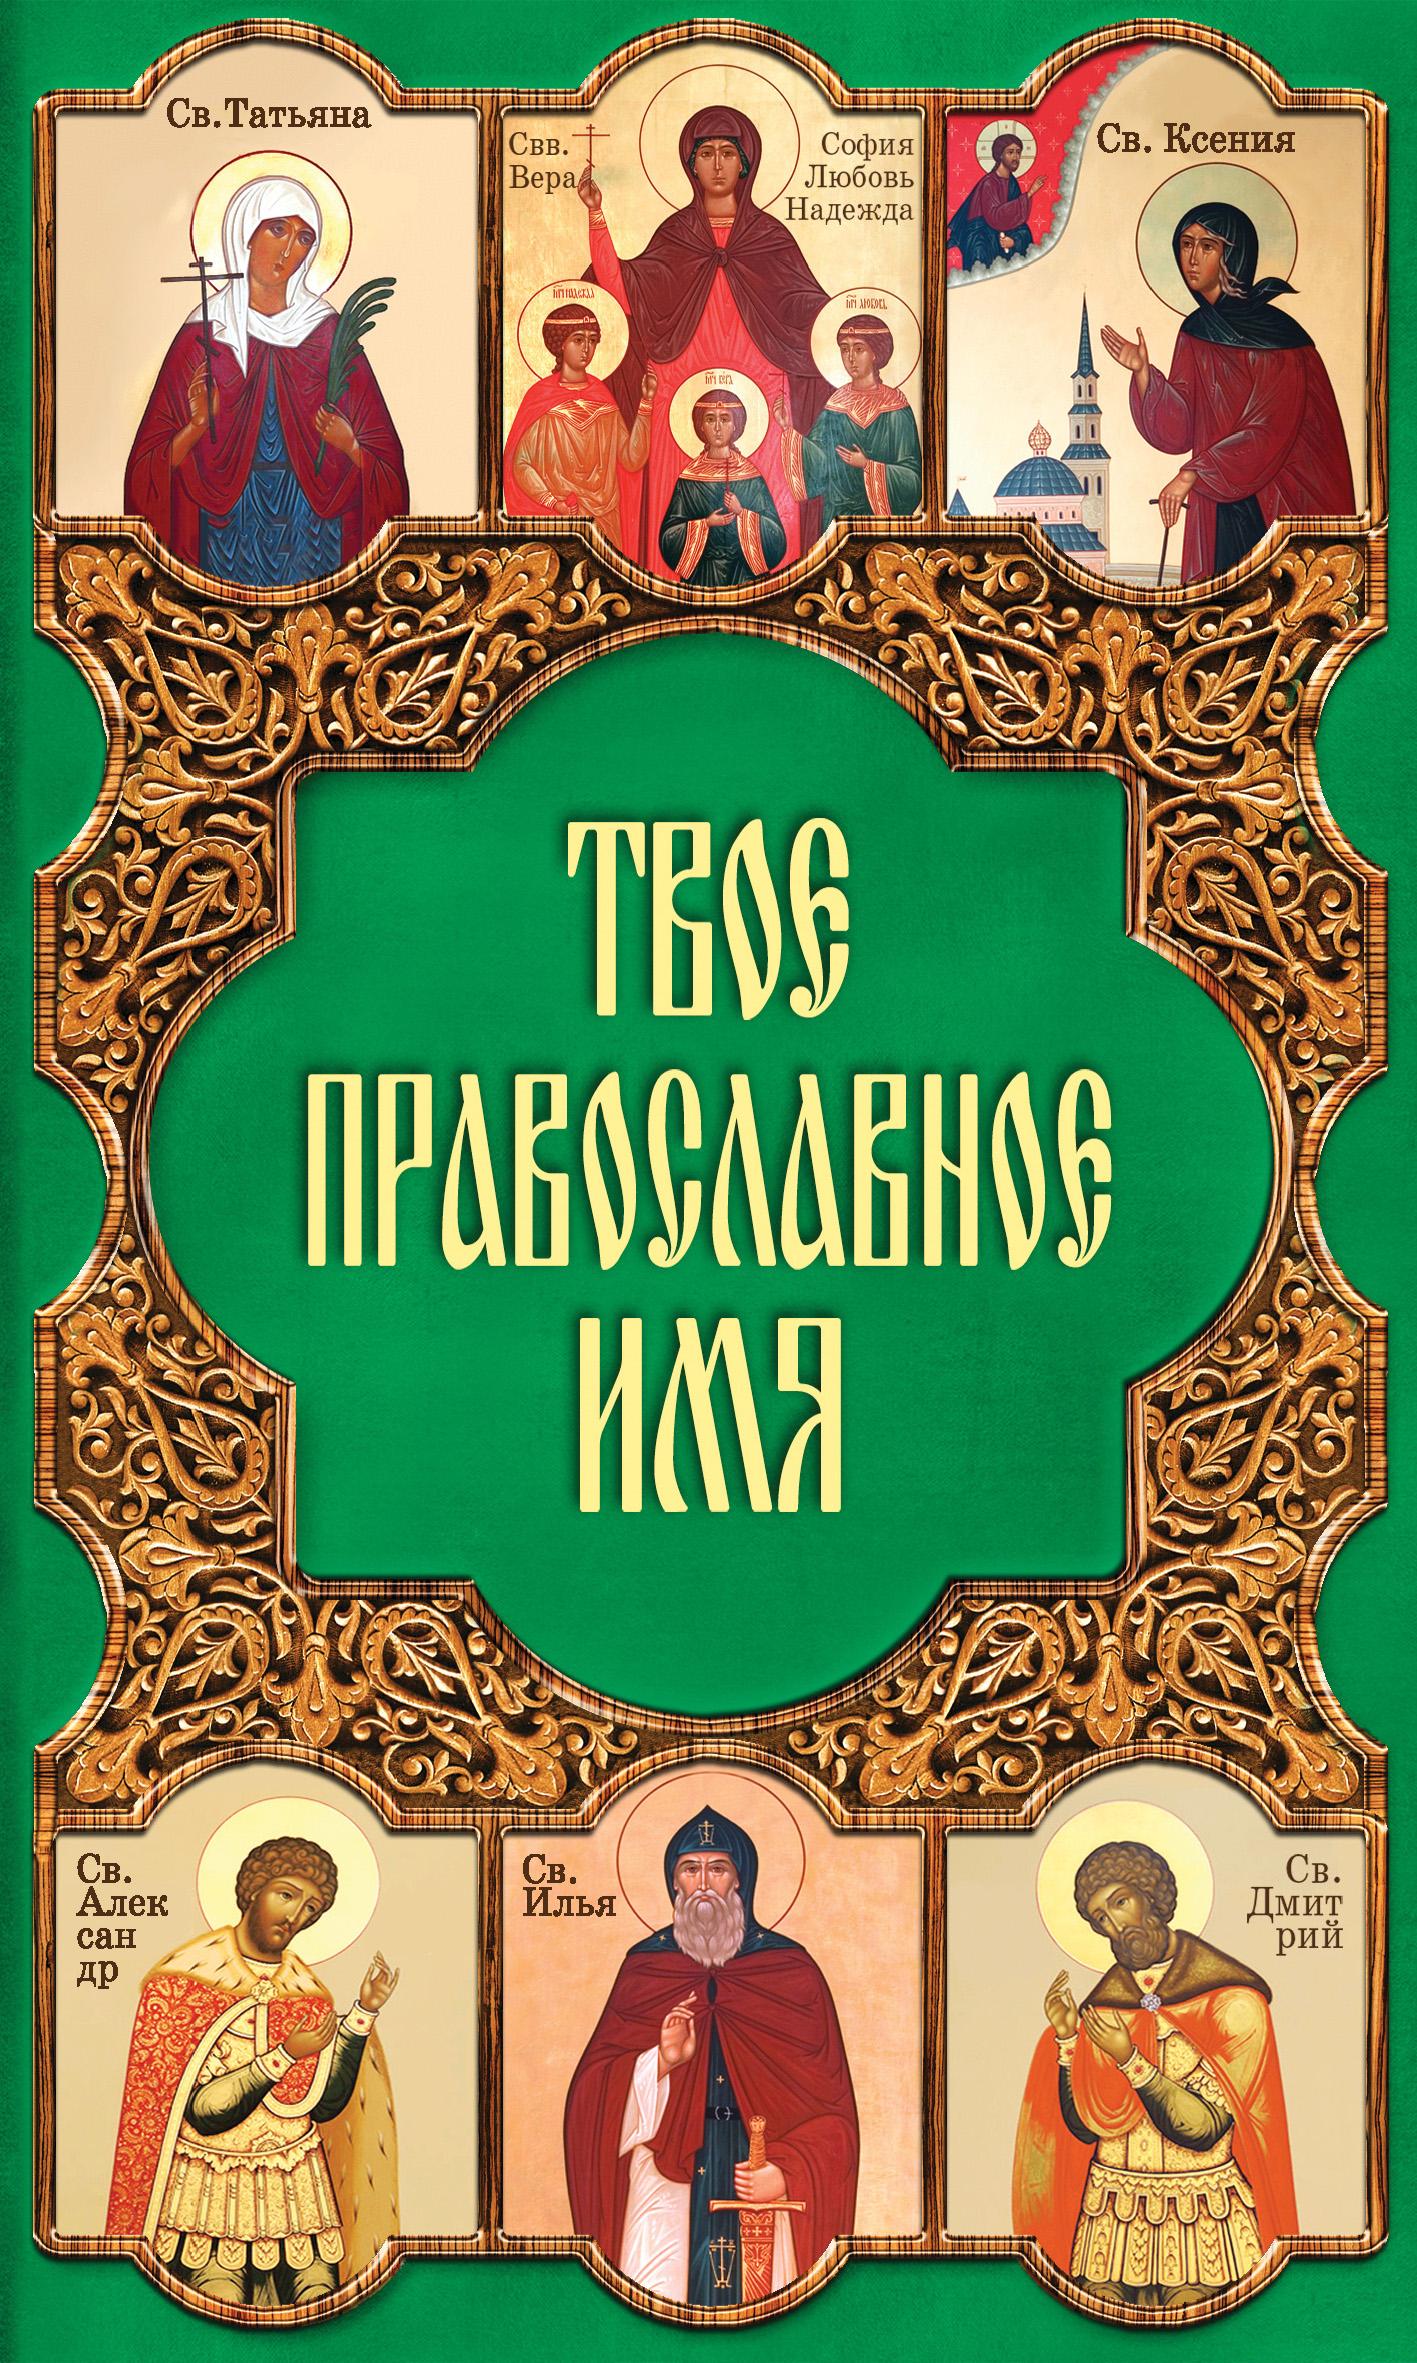 Таисия Олейникова Твое православное имя ведина тамара федоровна самые популярные имена в россии словарь мужских и женских имен